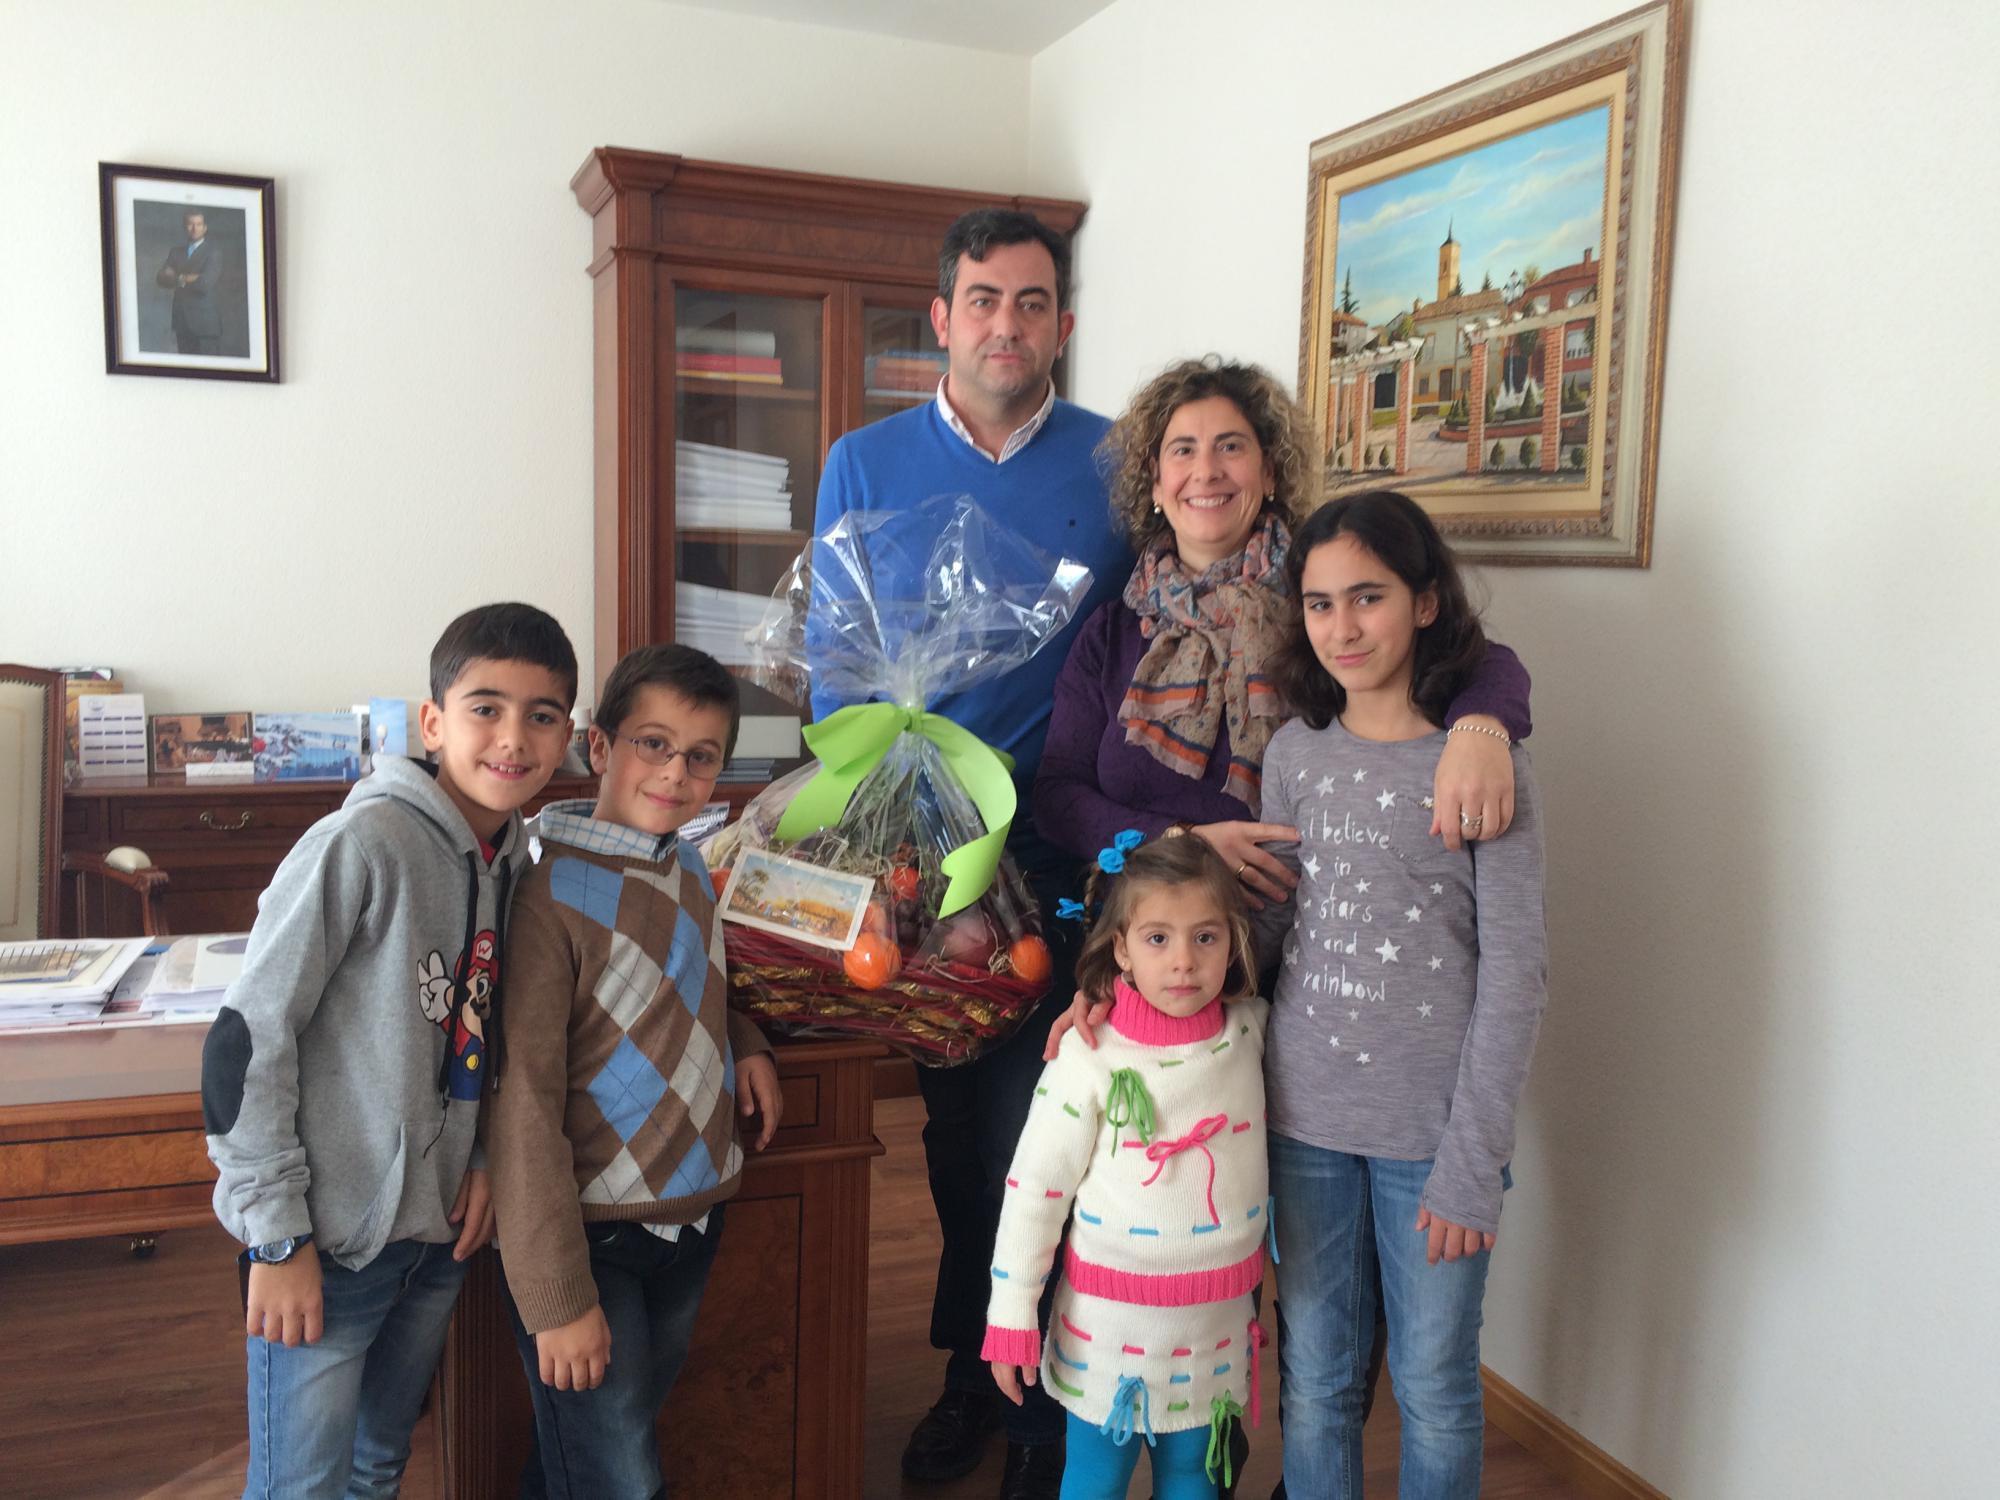 Nuria Domínguez gana el I Concurso de 'Puertas de Navidad' de Cabanillas del Campo con el Nacimiento en forja a tamaño real que preside la fachada de su vivienda